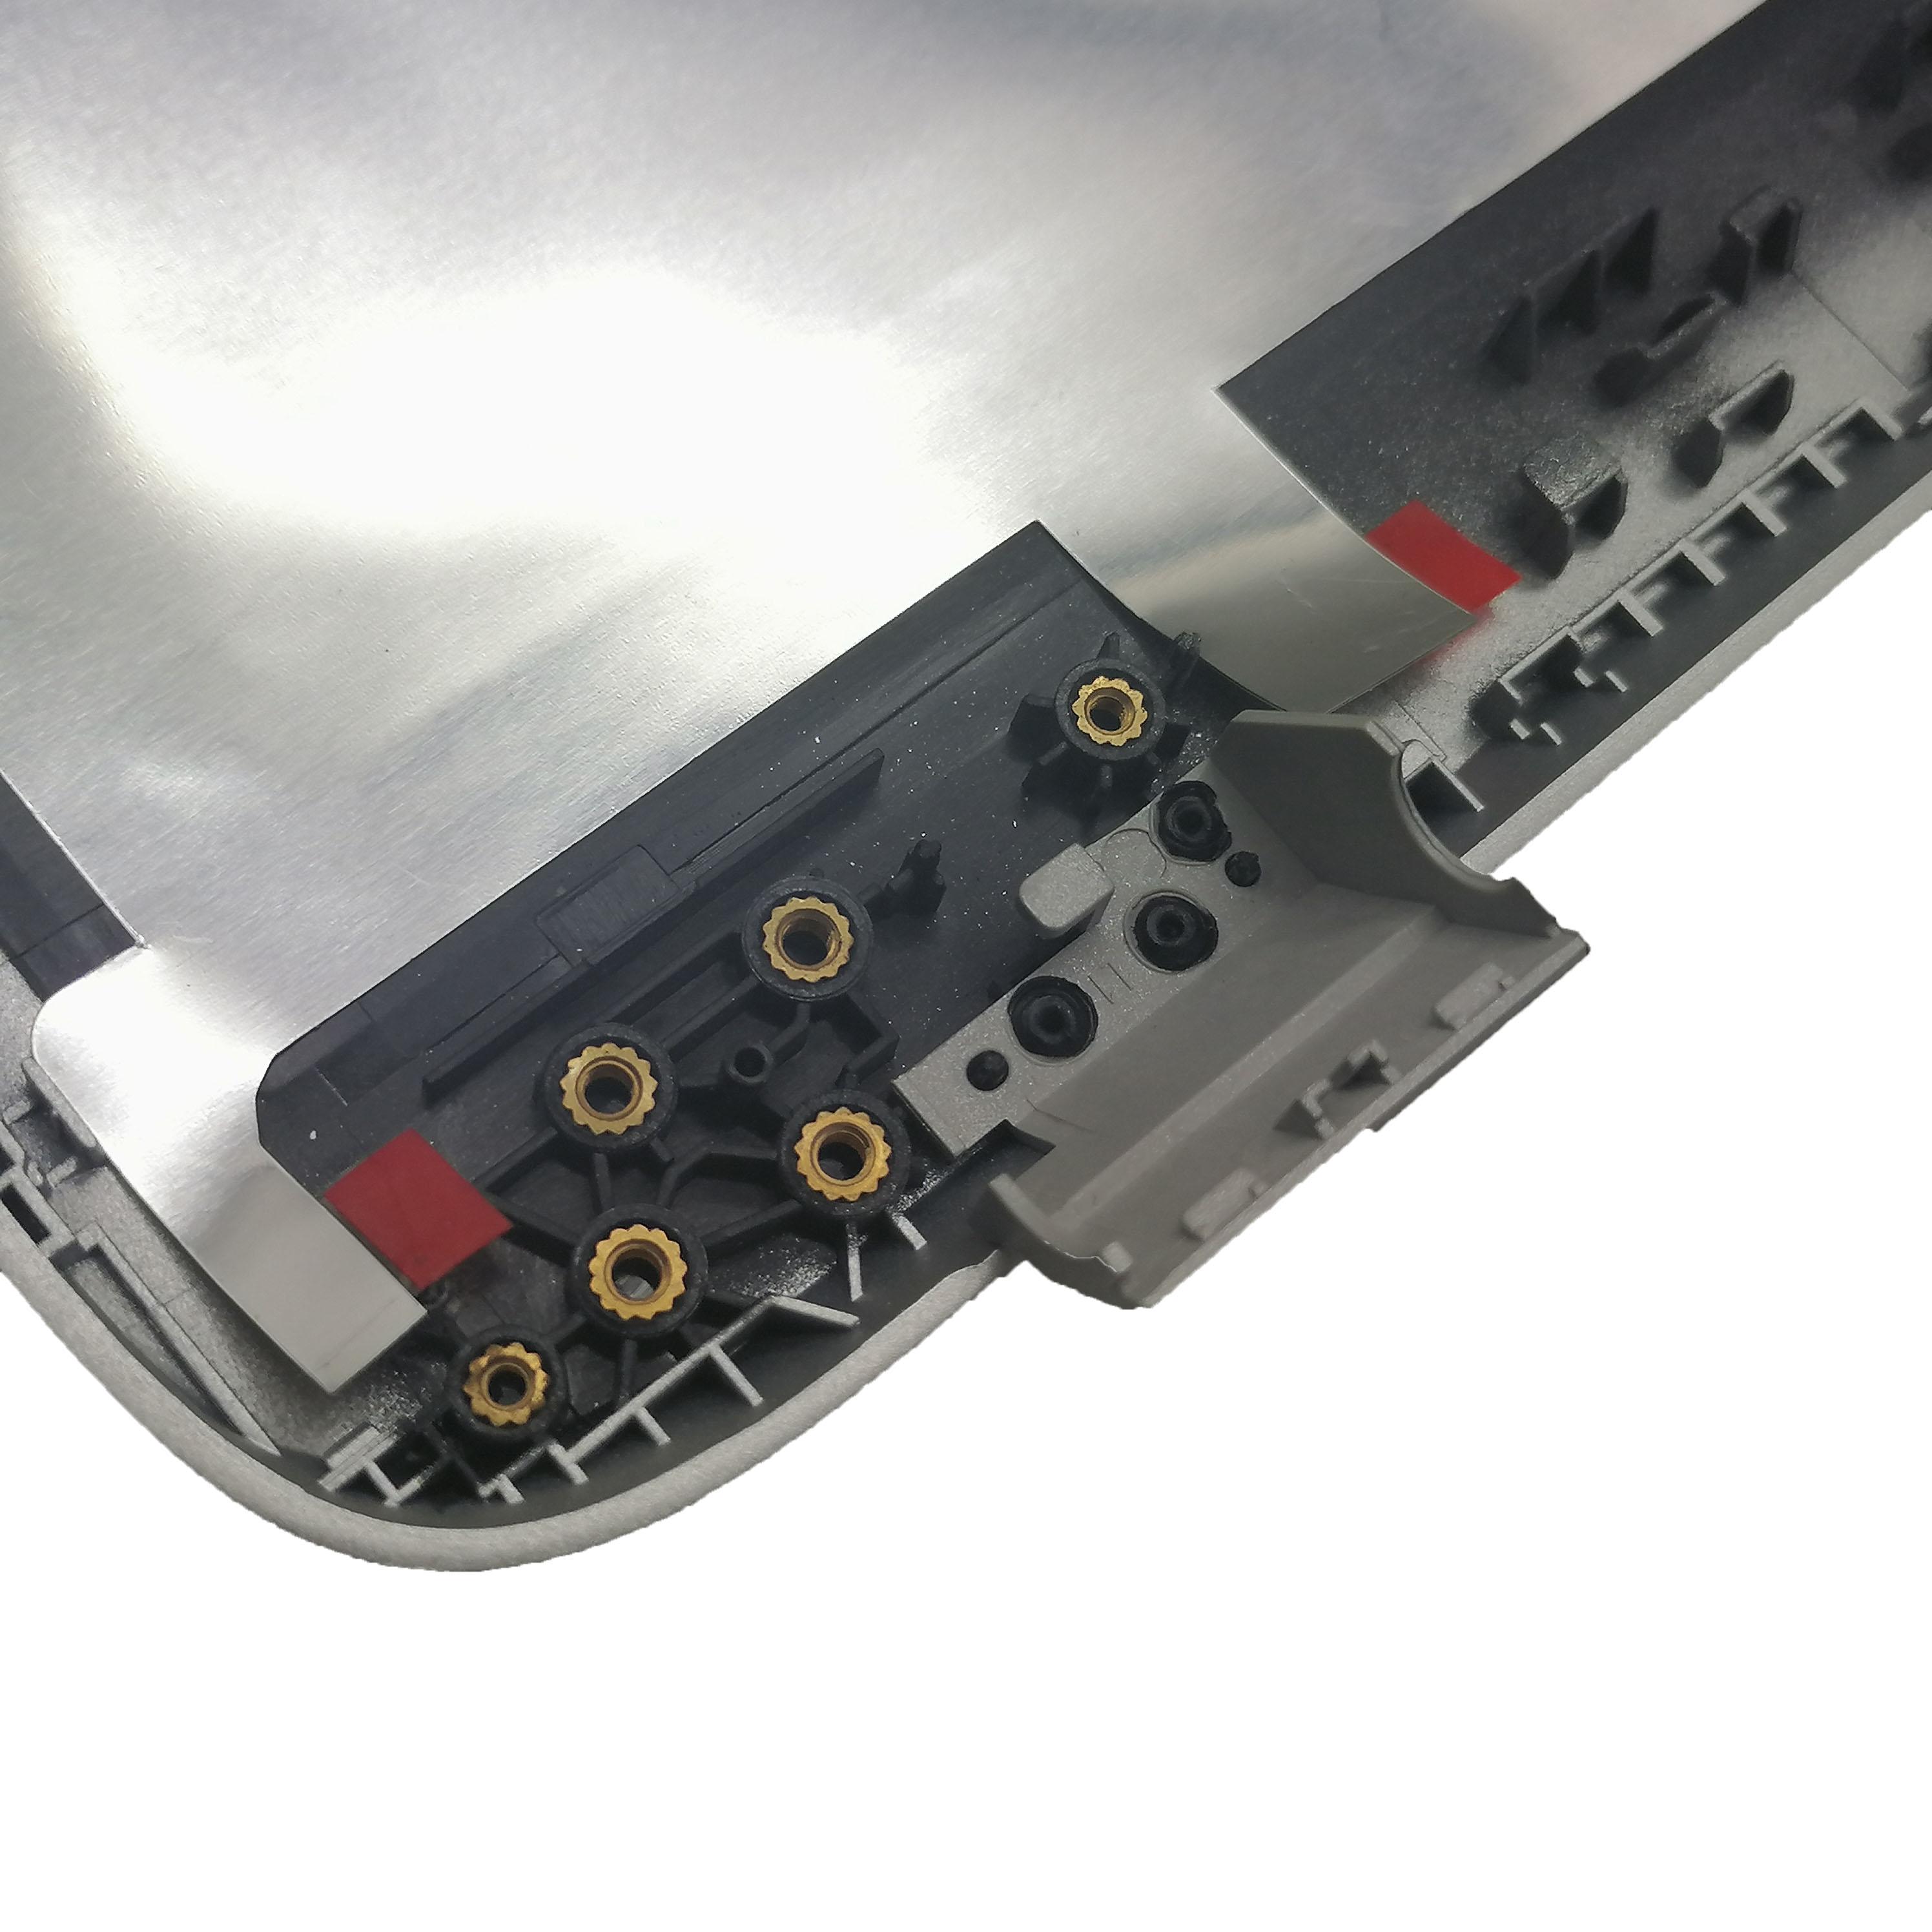 17 j008eo capa com tampa cobertura de tela lcd 2013 001 02